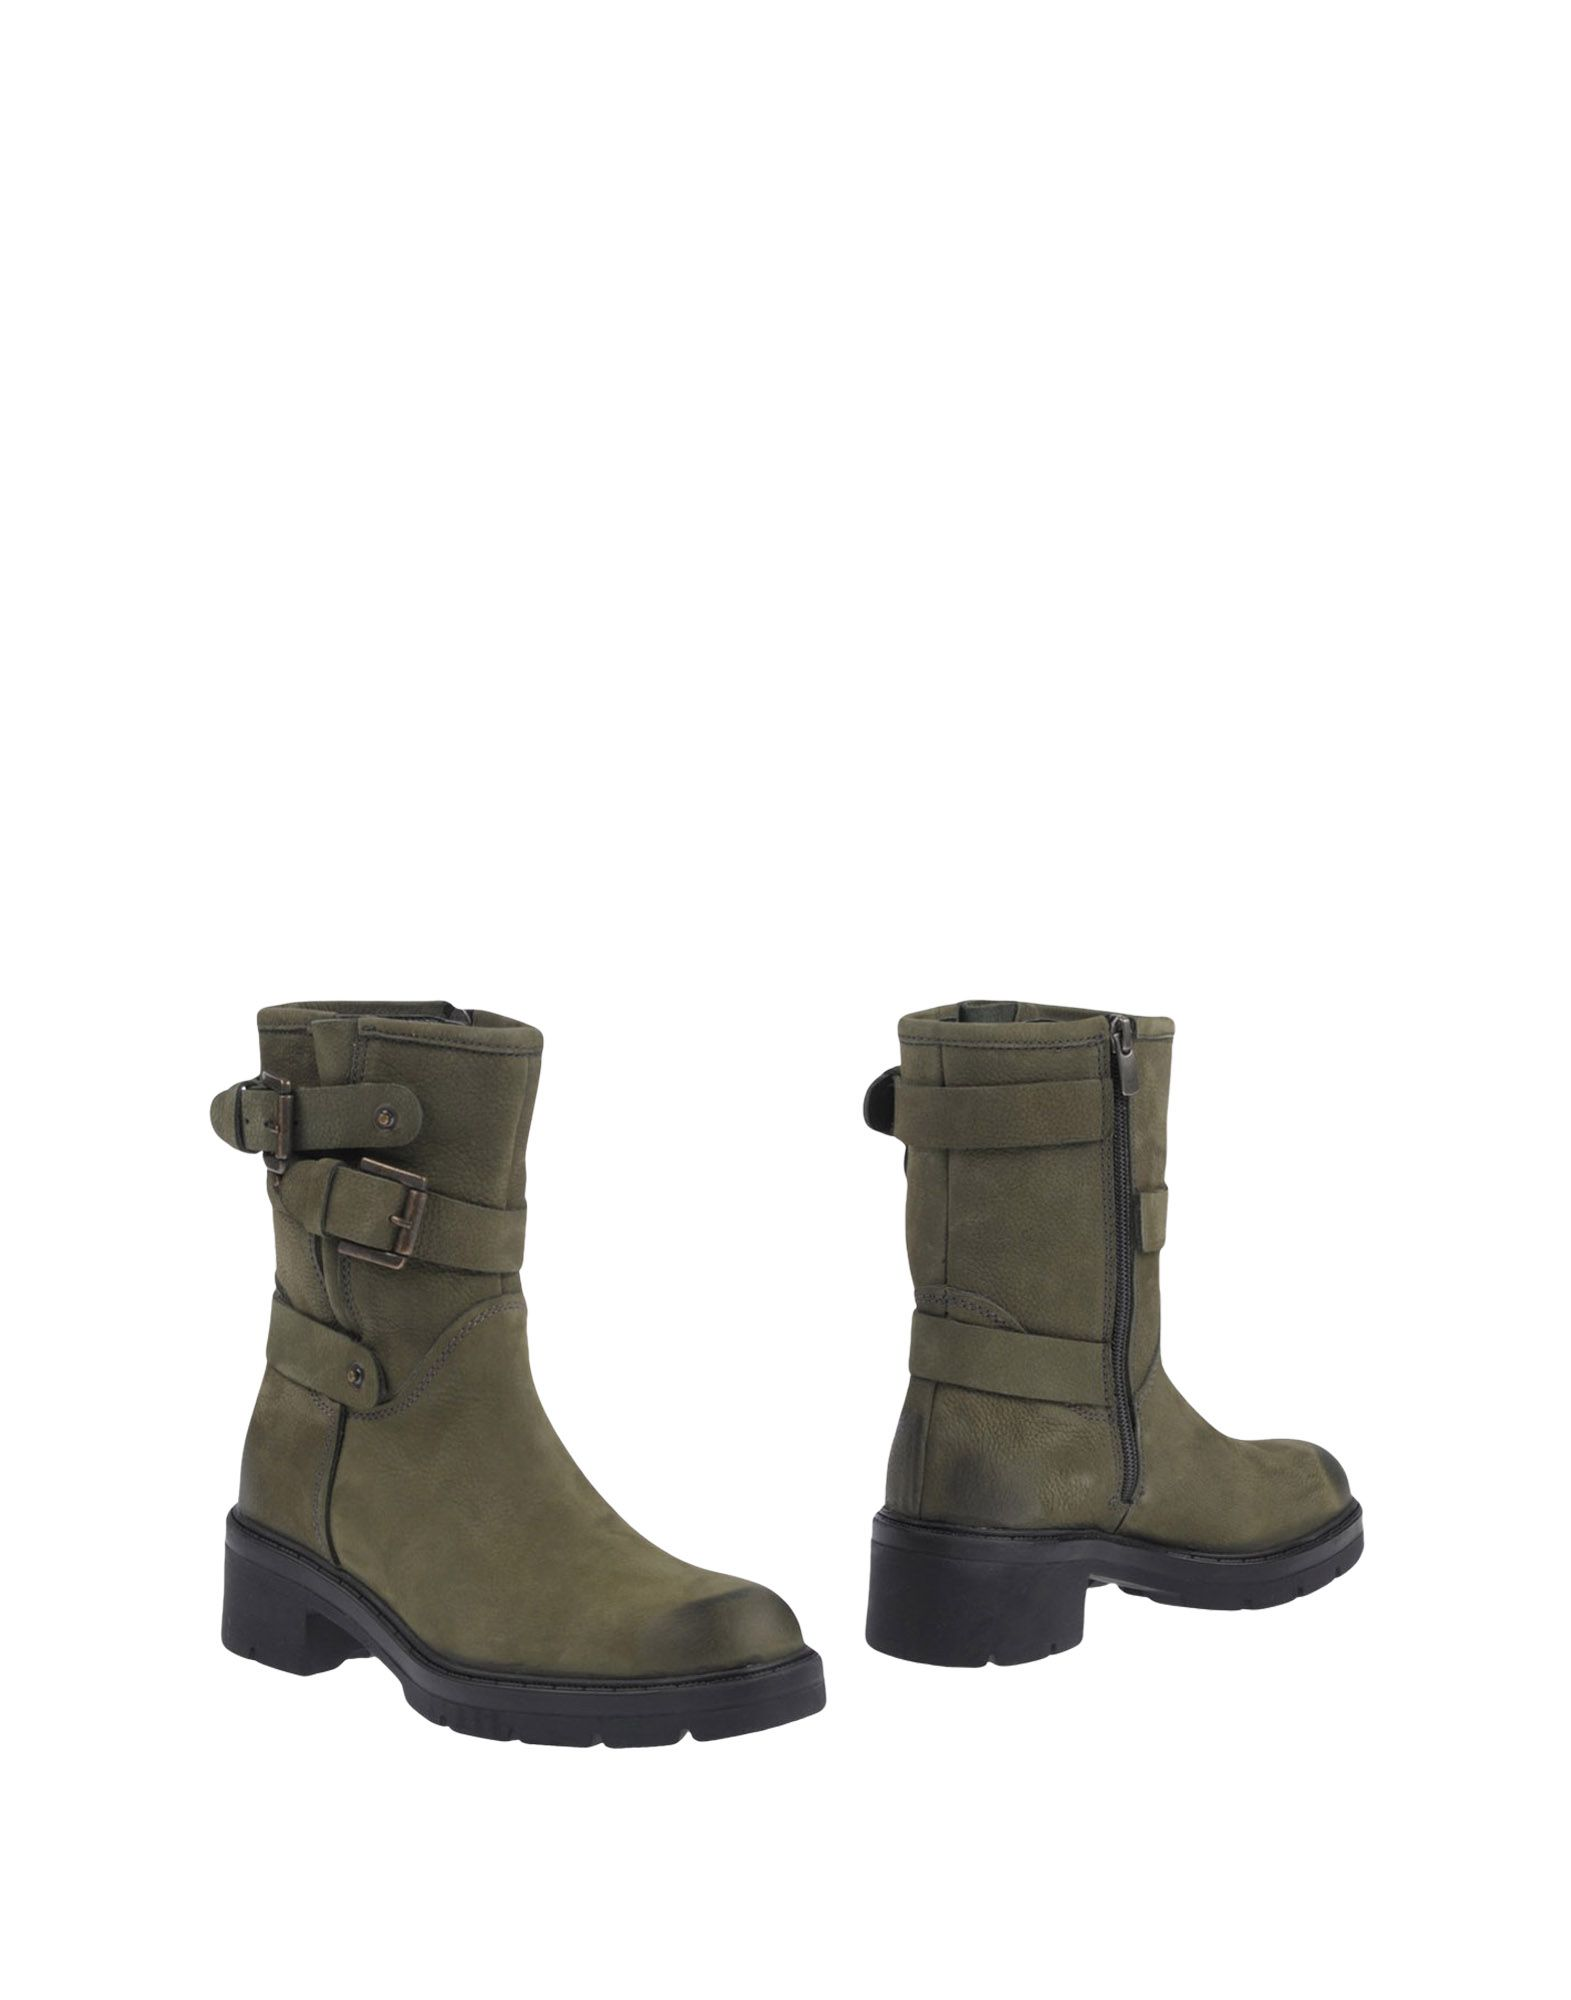 Carpe Diem Stiefelette Damen  11448699NR Gute Qualität beliebte Schuhe